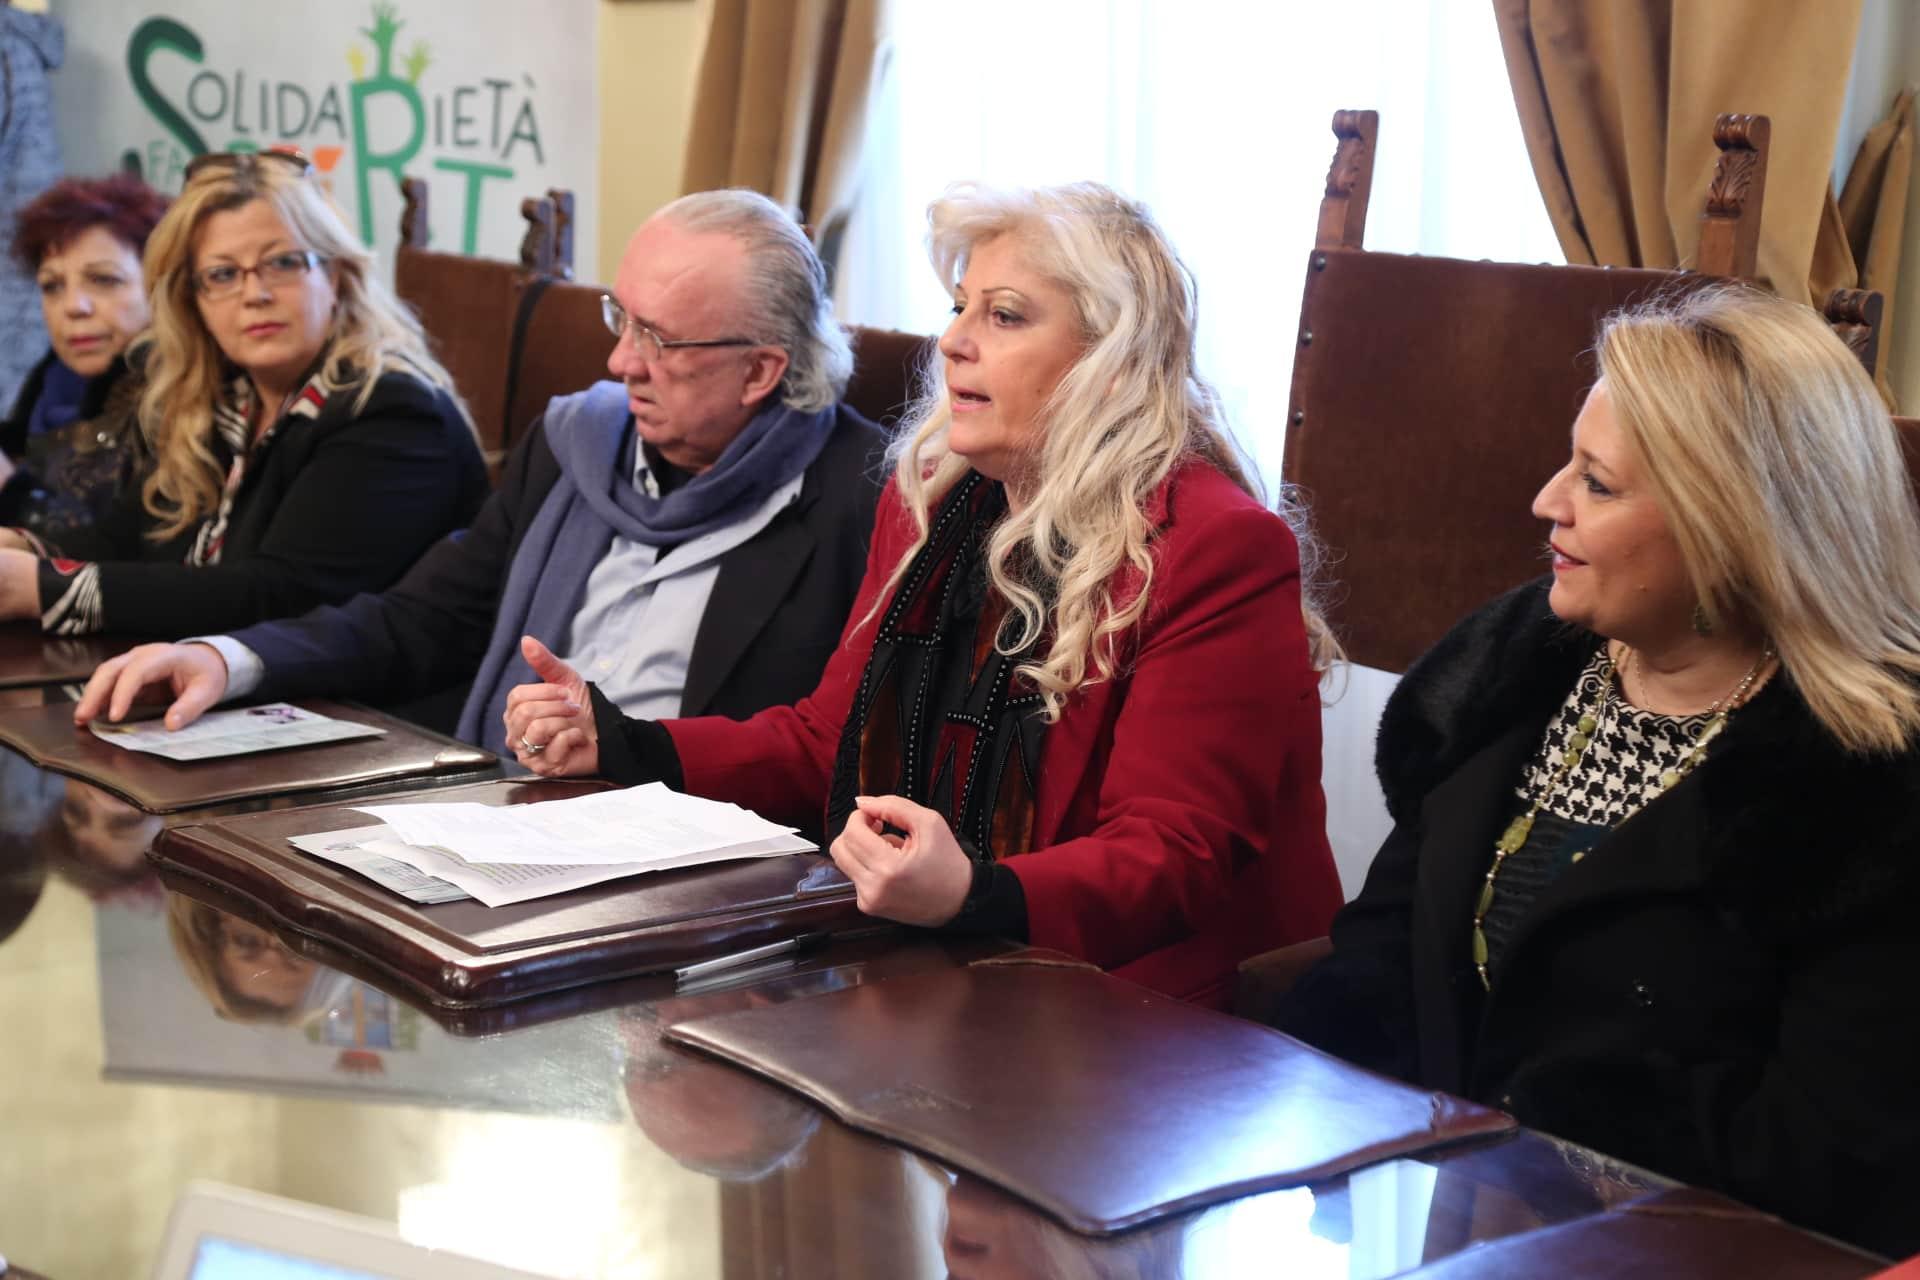 """Pescara Sport solidarietà - """"Solidarietà fa Sport"""" a Pescara per sensibilizzare nelle scuole alla disabilità"""